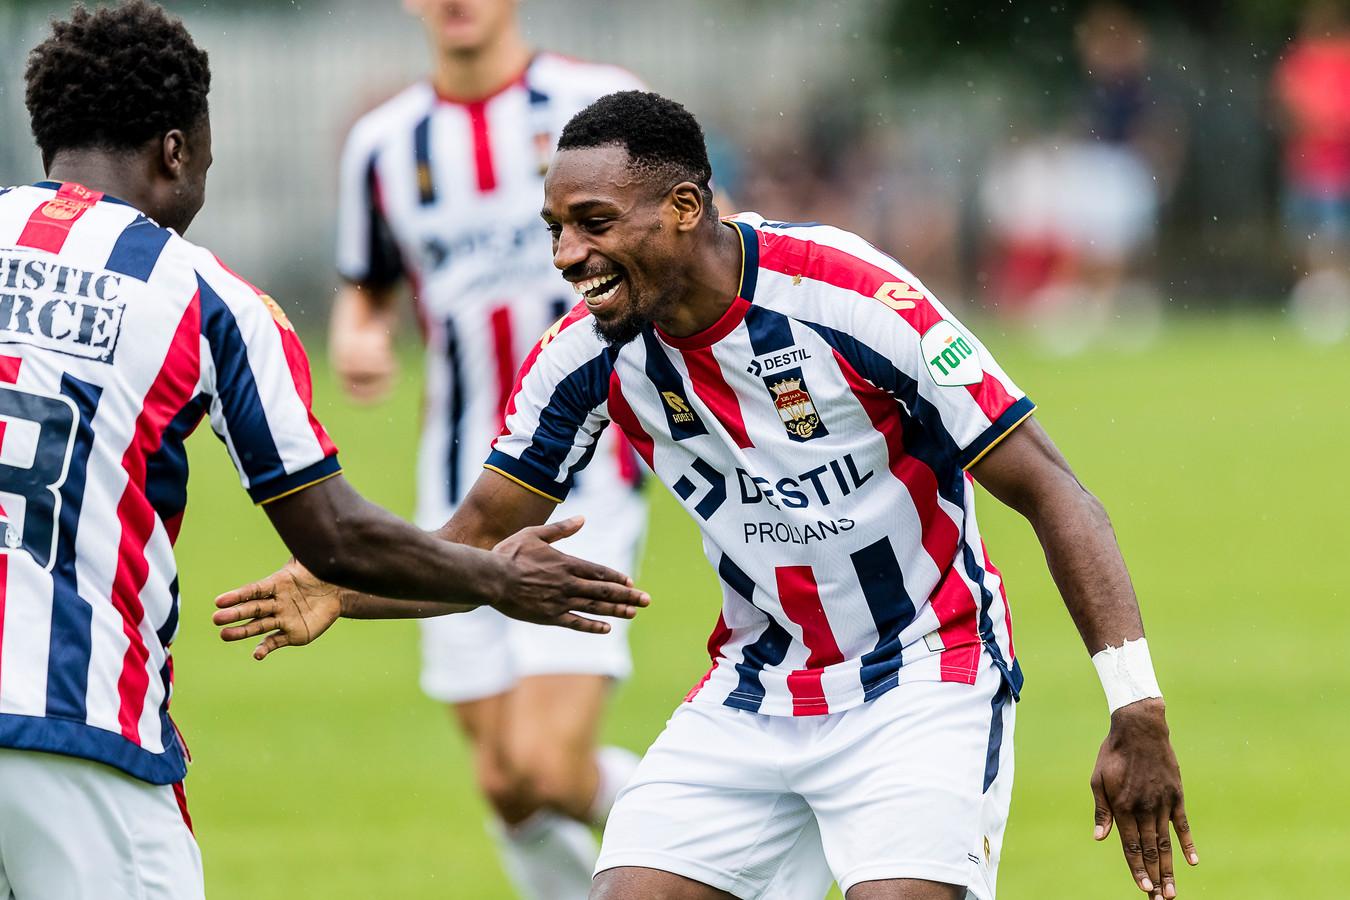 Elton Kabangu (rechts) viert zijn treffer tegen Lierse met Derrick Owusu.